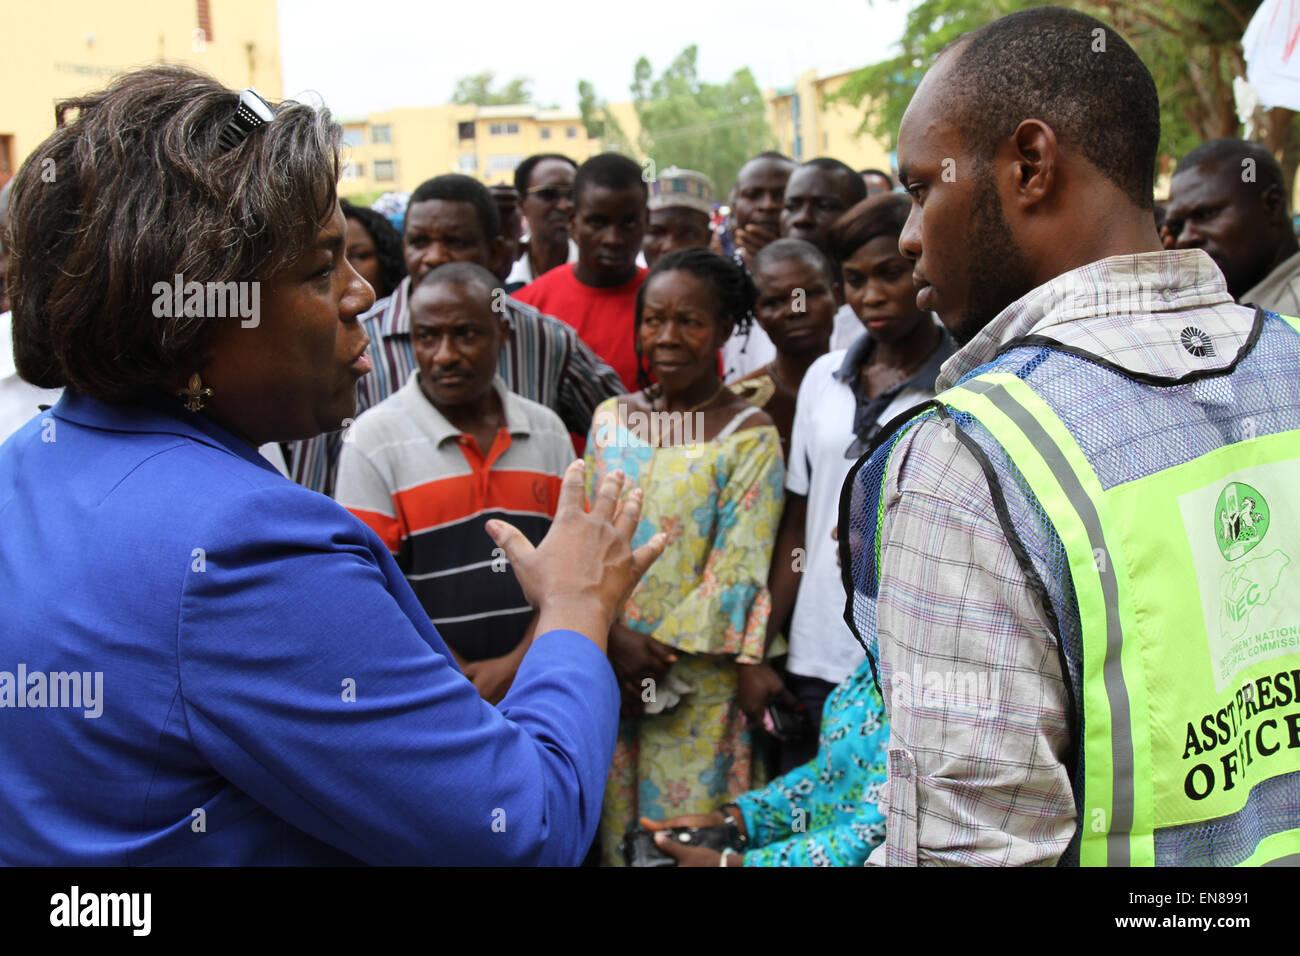 Assistant Secretary Of State für afrikanische Angelegenheiten Linda Thomas-Greenfield spricht mit einem Beamten Stockbild